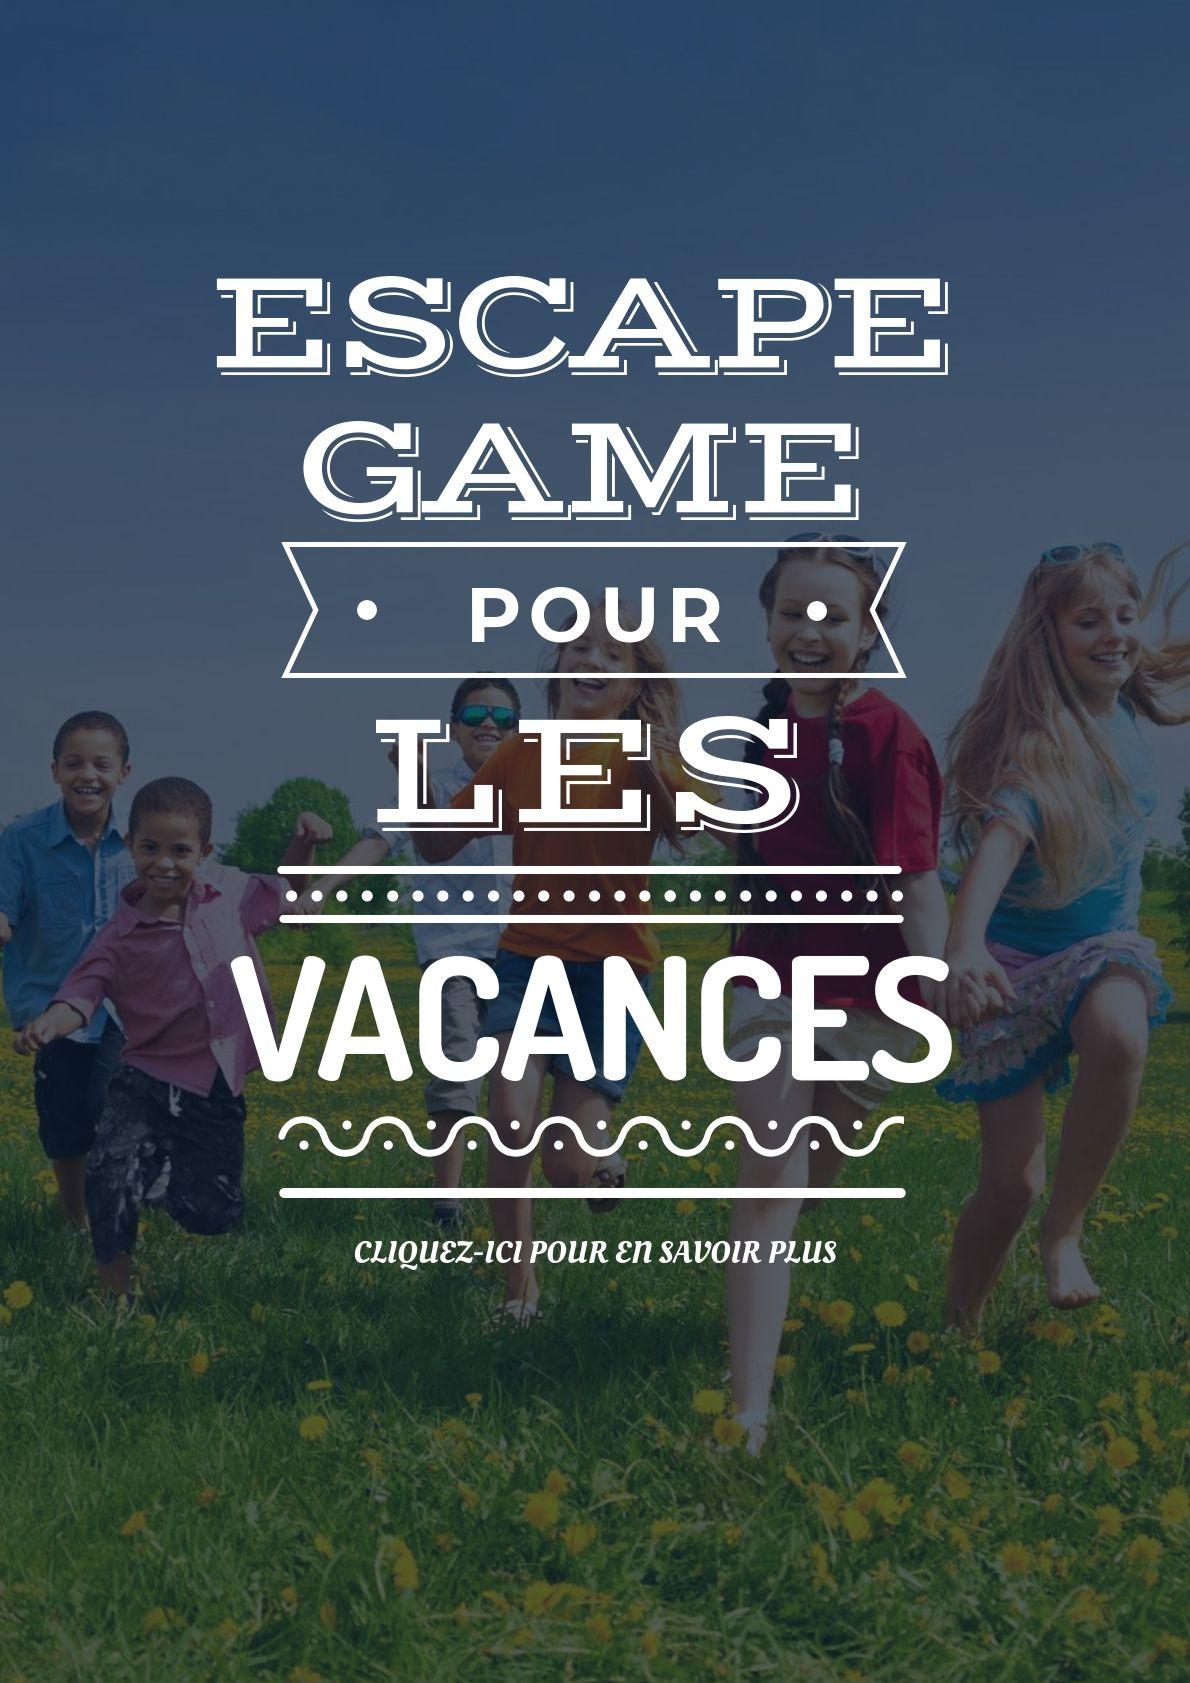 Organisez Un Escape Game Pendant Les Vacances Vacances Fun Plage Ete Piscine Soleil Escapekit Escaperoom Escapegame Vacances Jeux Ado Jeux De Plage